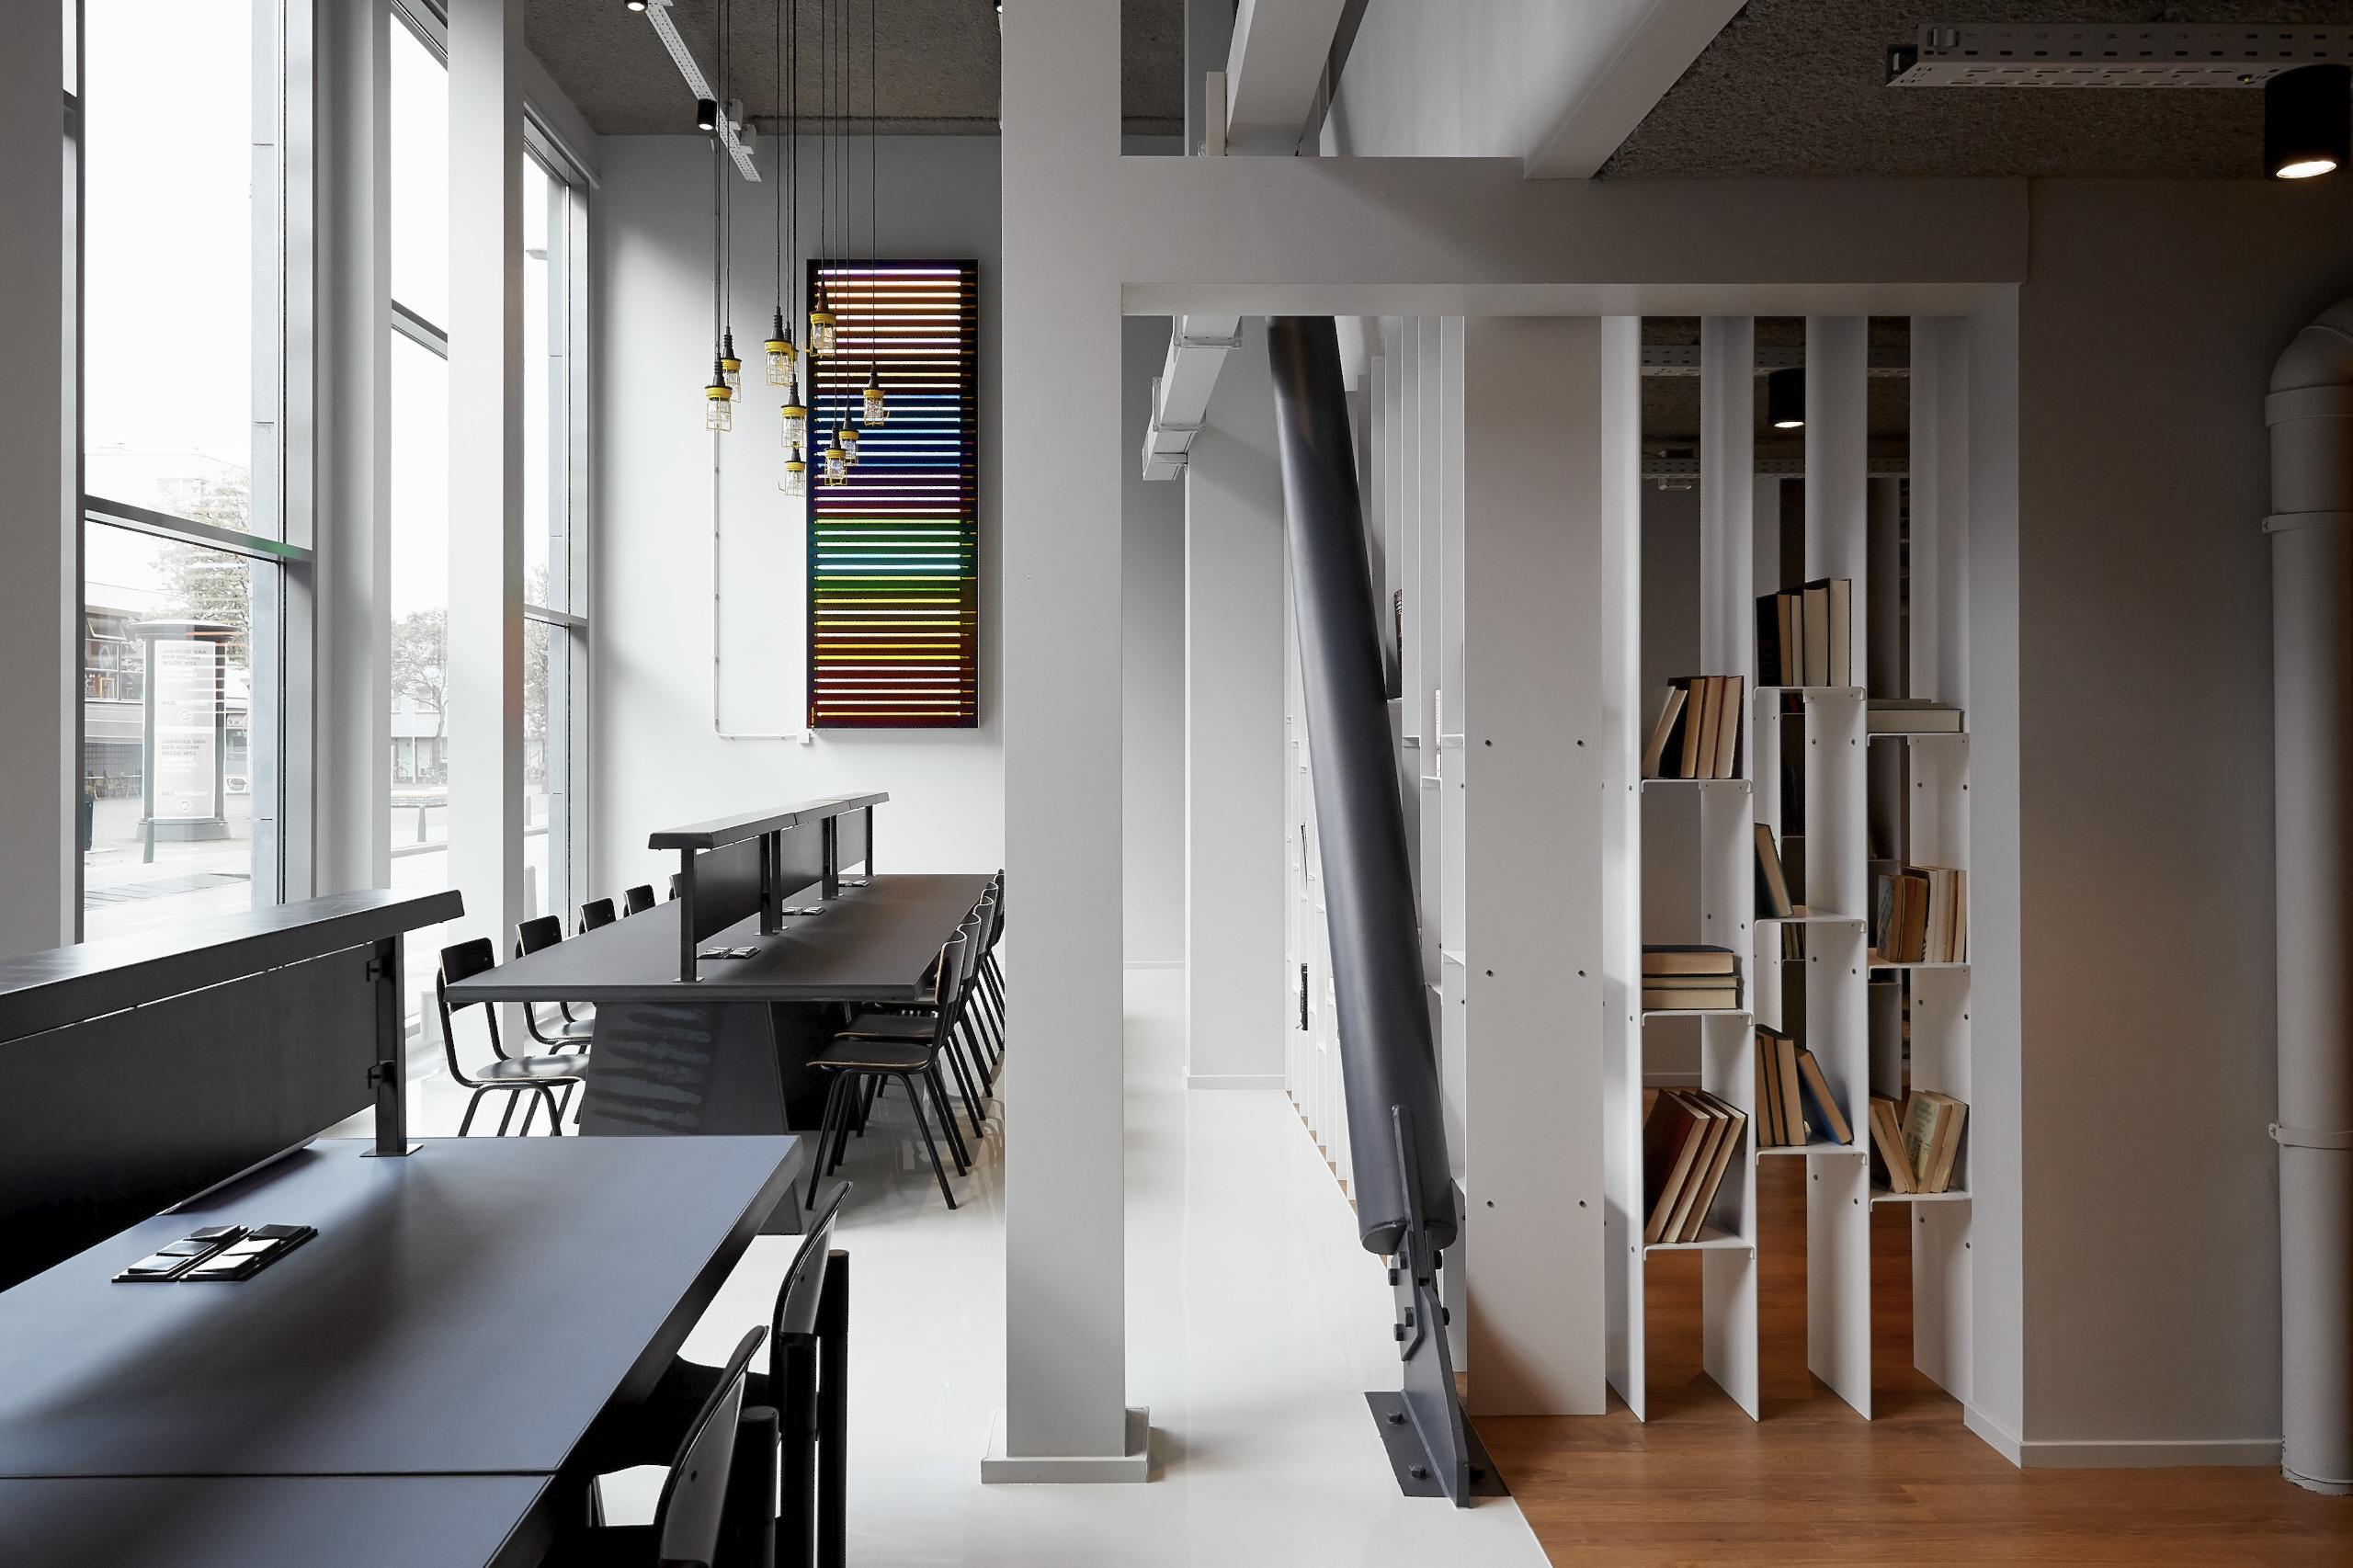 #624B3C22395264 Studentenhotel Aan De Hoefkade Geopend If Then Is Now Meest effectief Design Meubelen Outlet Den Haag 1765 behang 256017061765 afbeeldingen